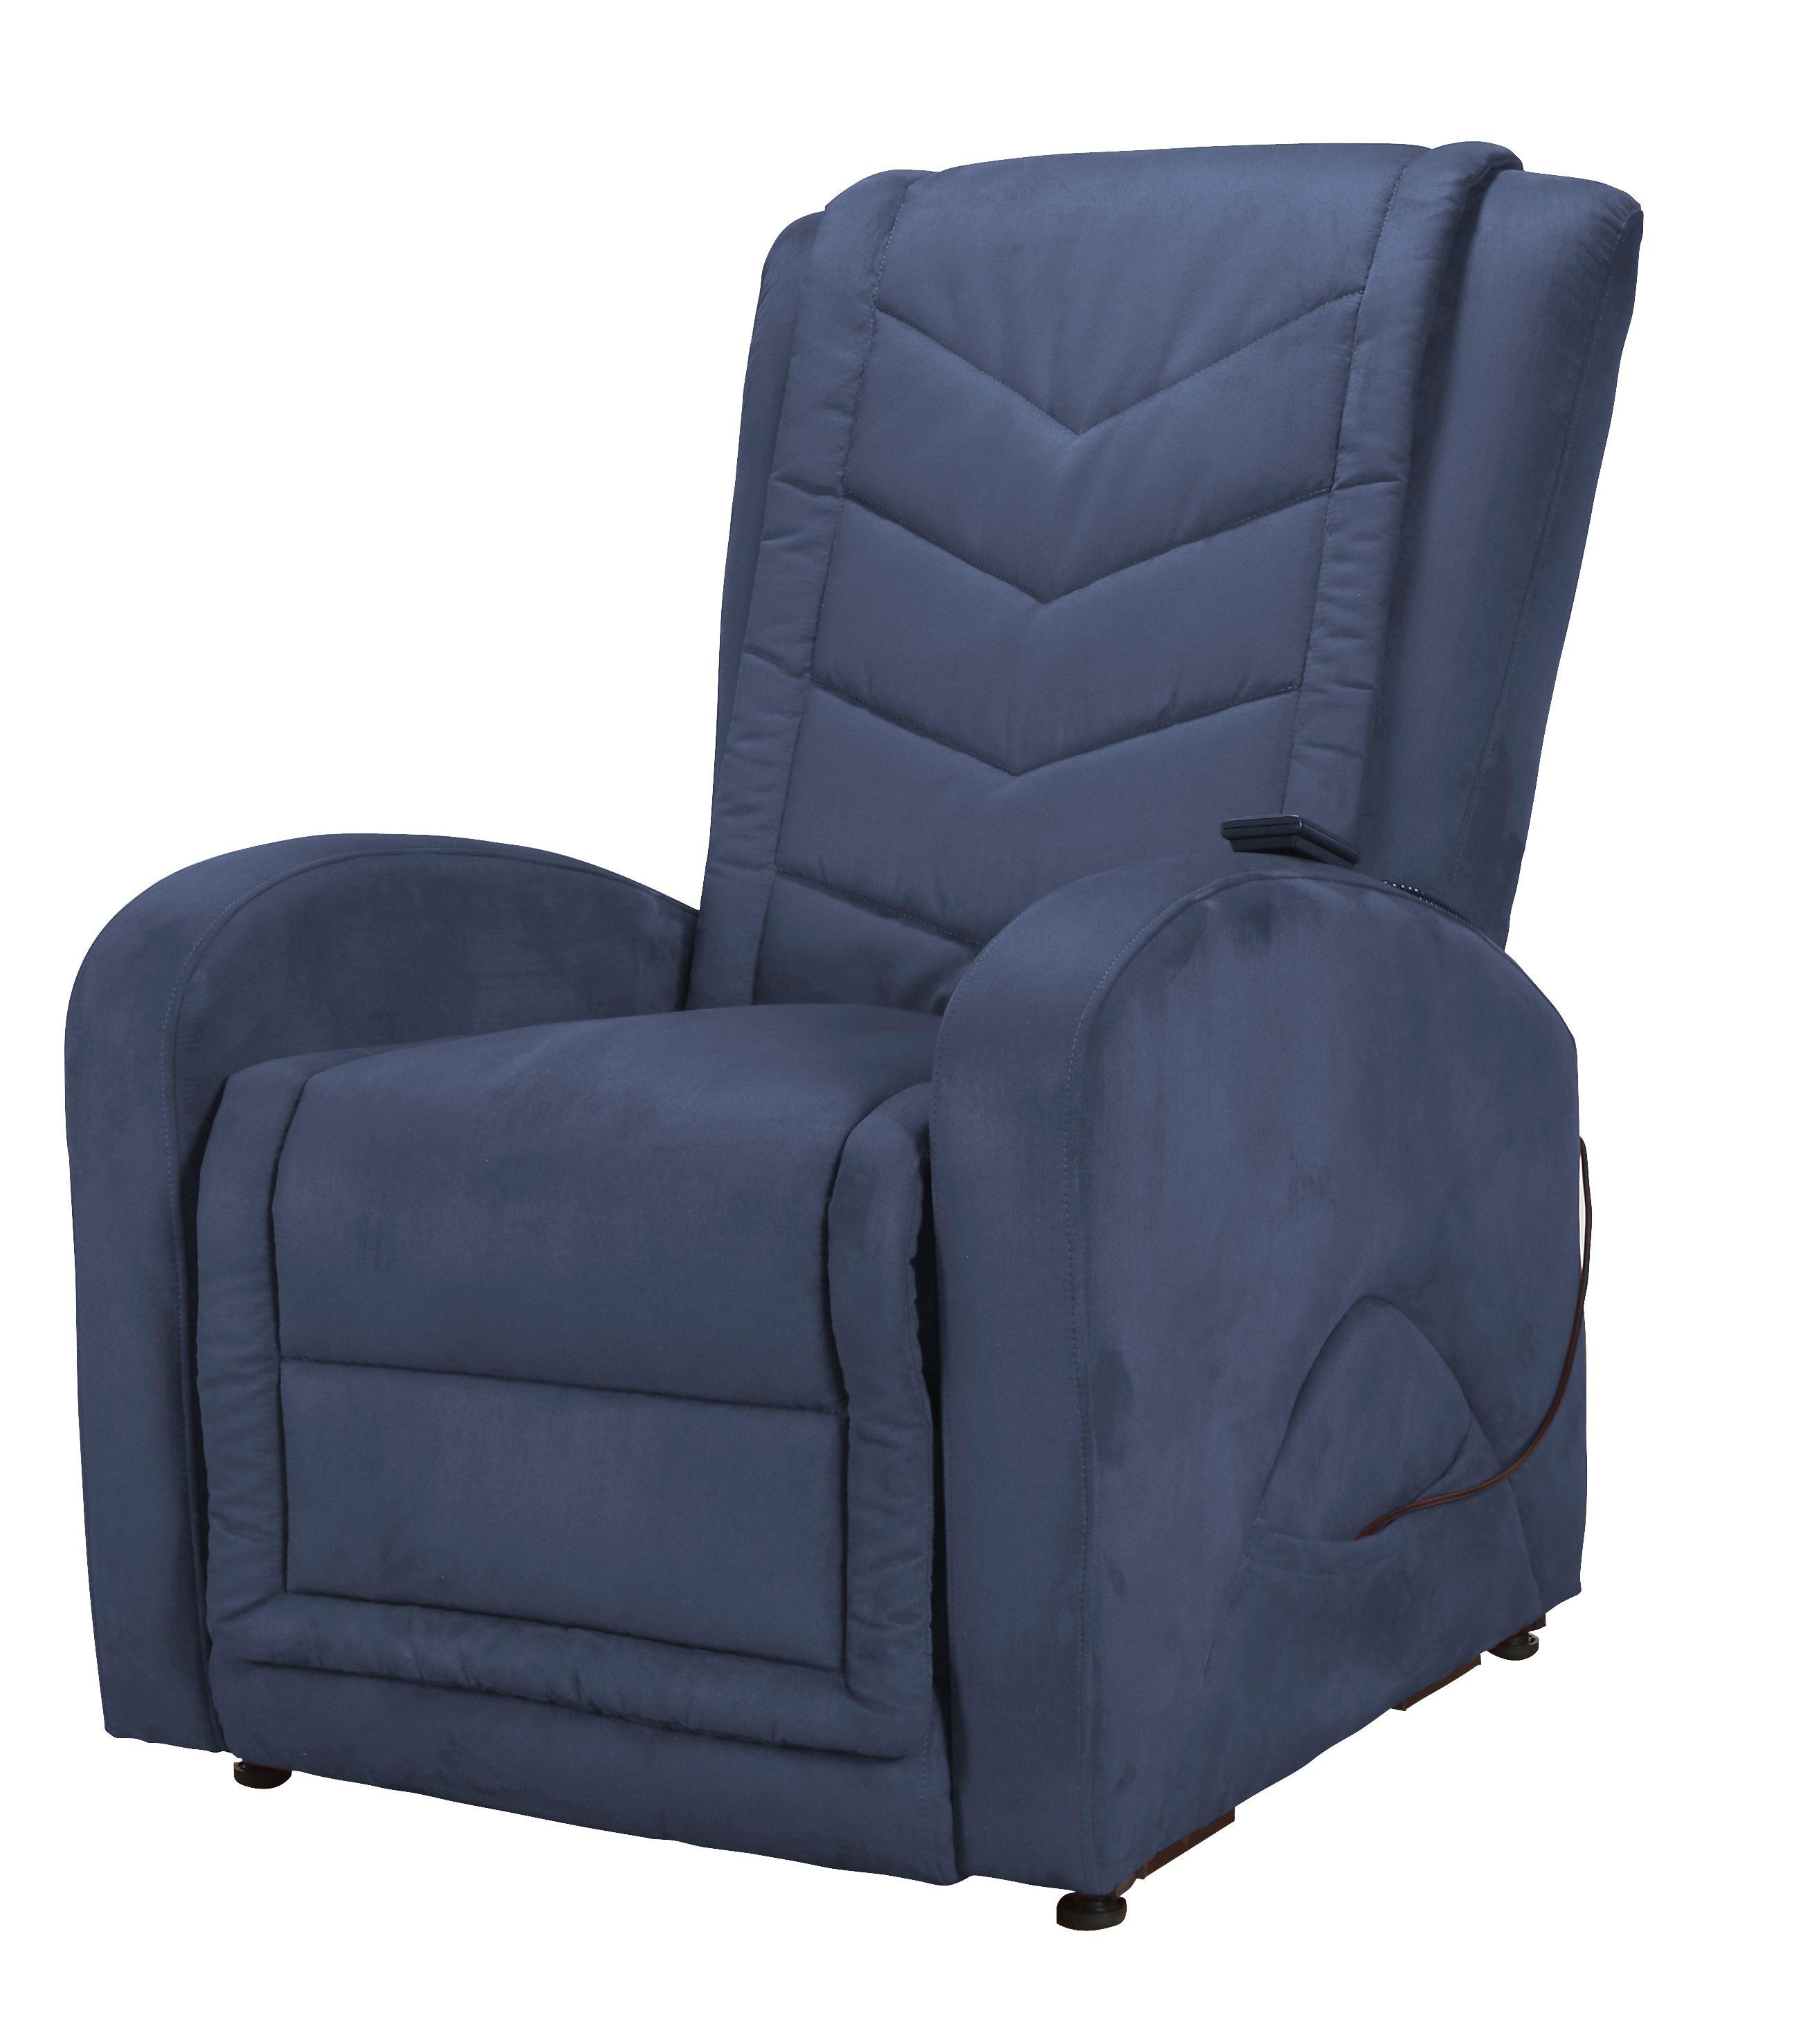 Poltrone Relax Massaggio Prezzi.Poltrona Relax Con 2 Motori E Massaggio Modello Iride